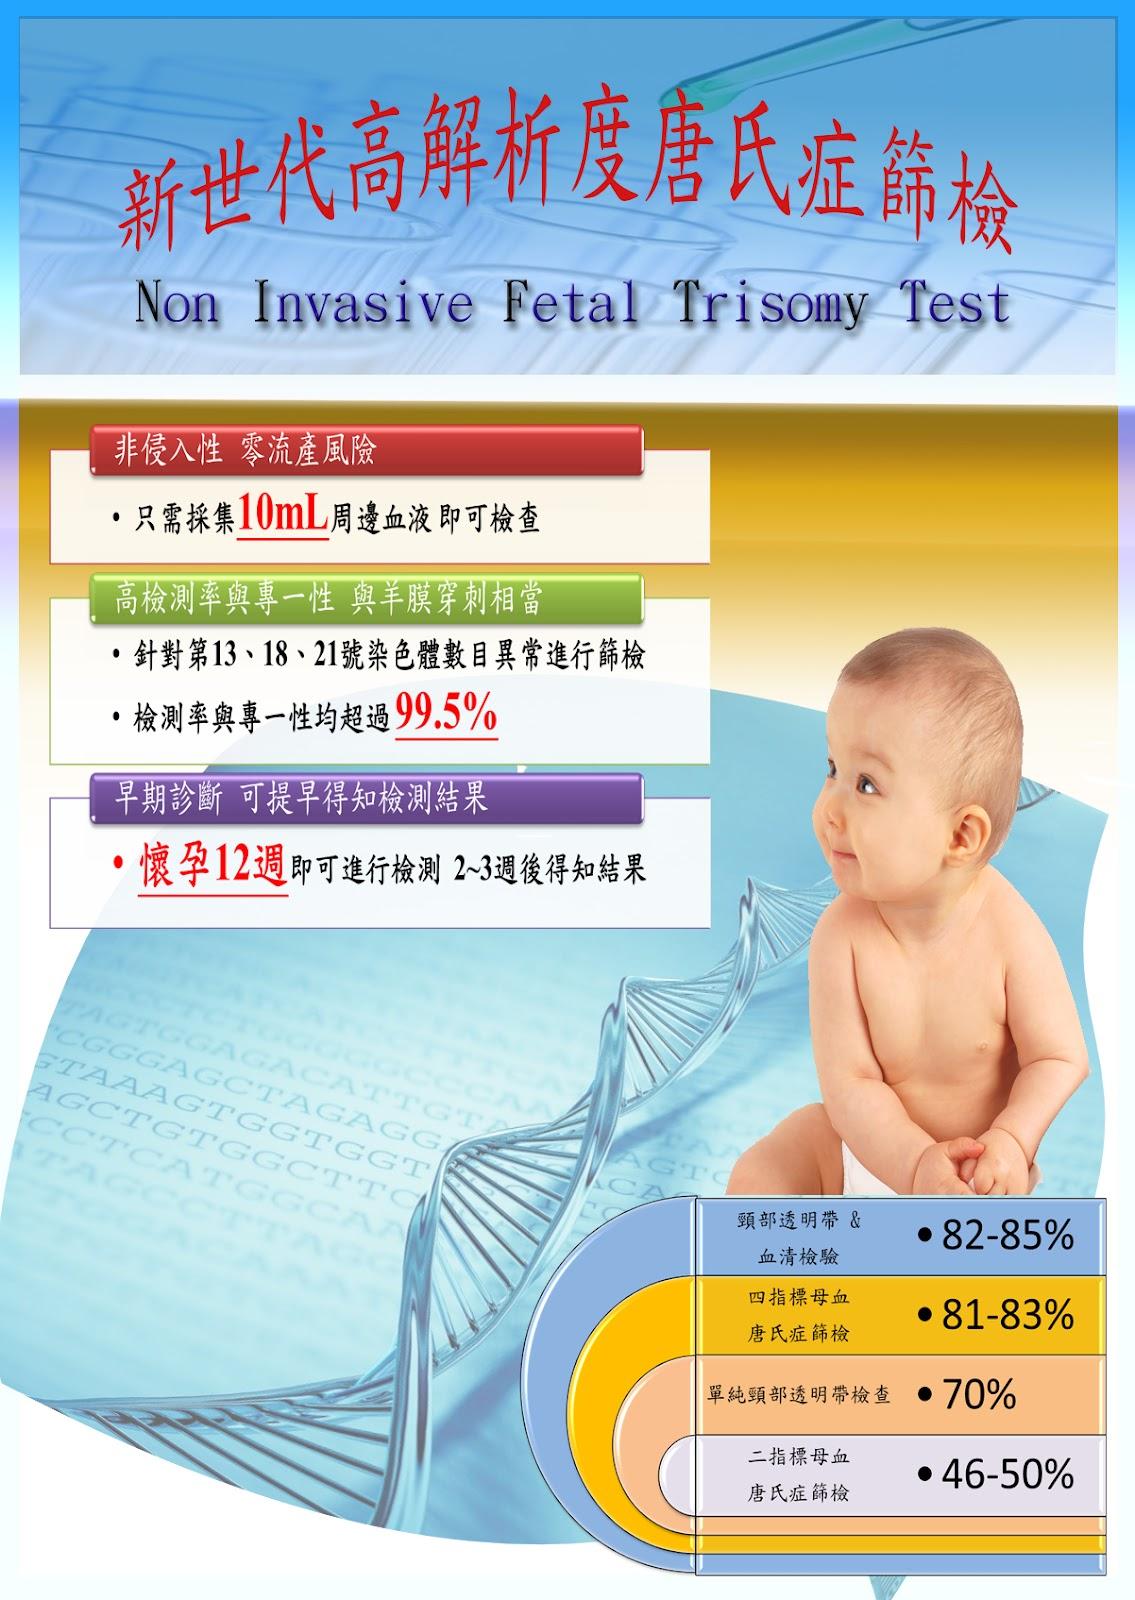 禾馨婦產科 - 專業母胎兒醫學中心: 新世代高準確性唐氏癥篩檢 (NIFTY)